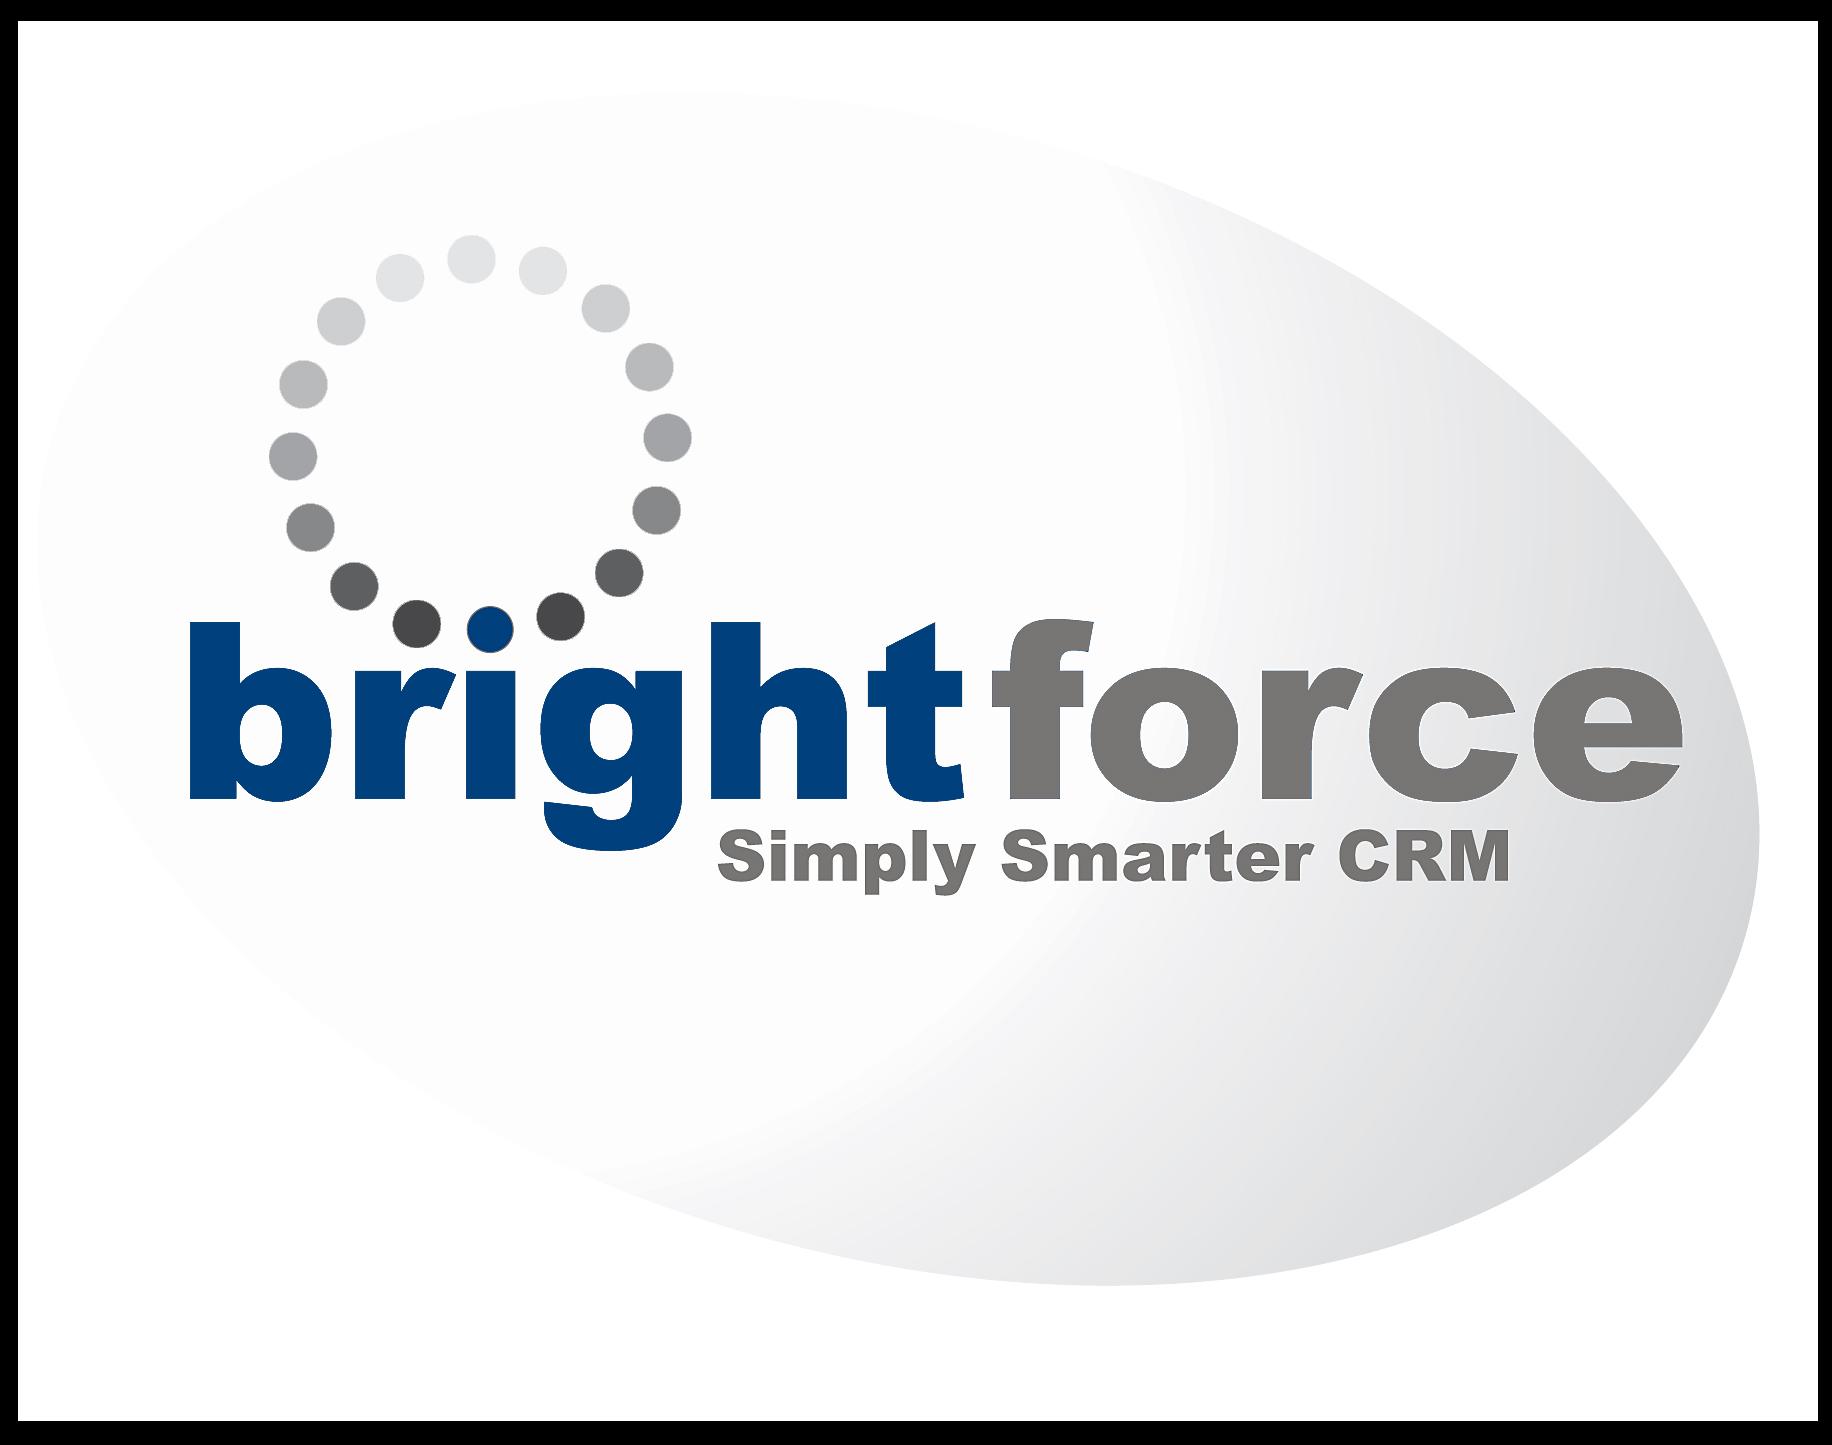 brightforce brand